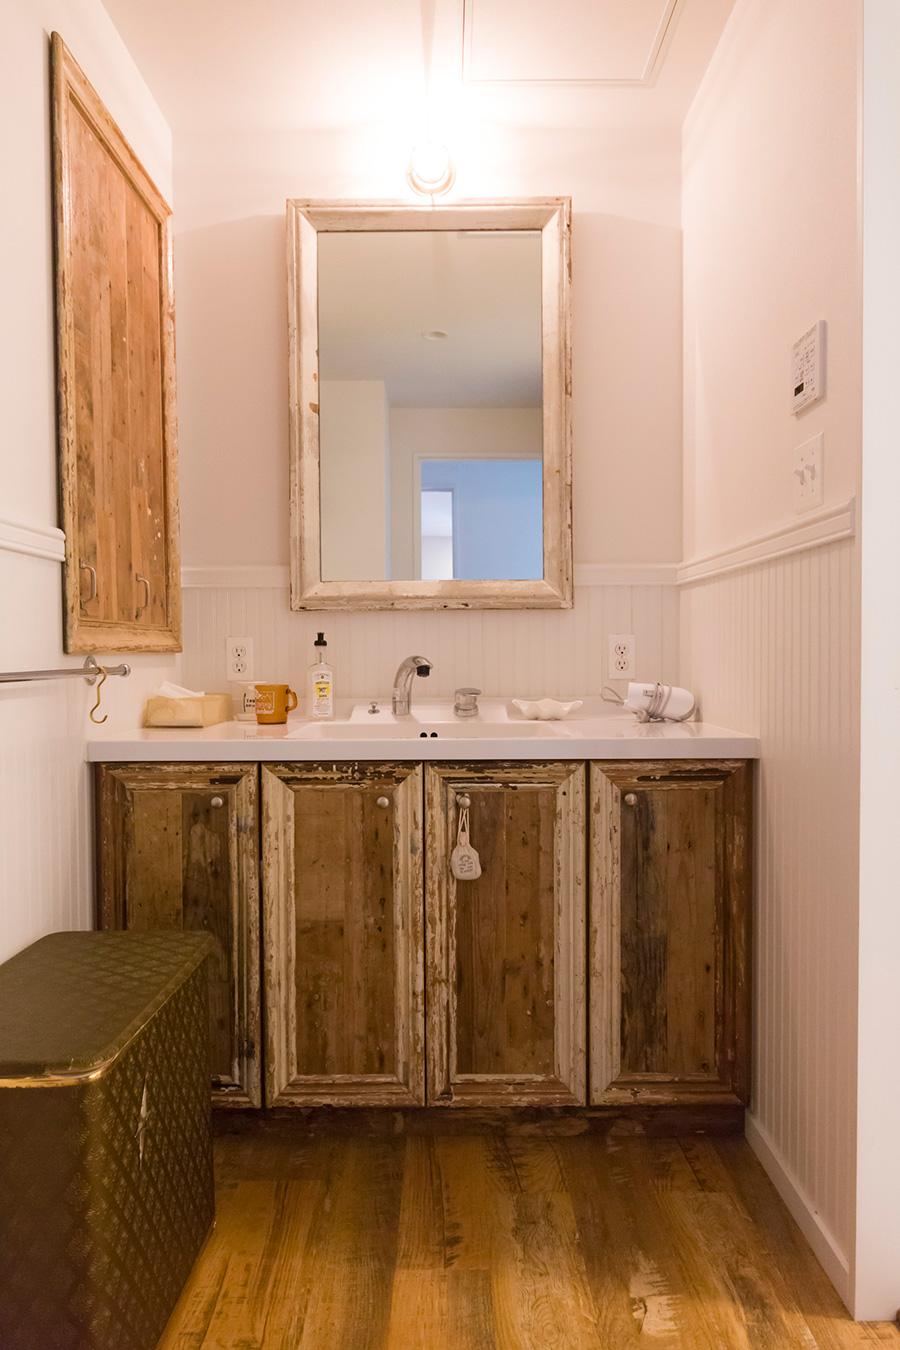 洗面台下と左側の収納扉は、アンティークの額縁を使って制作したもの。